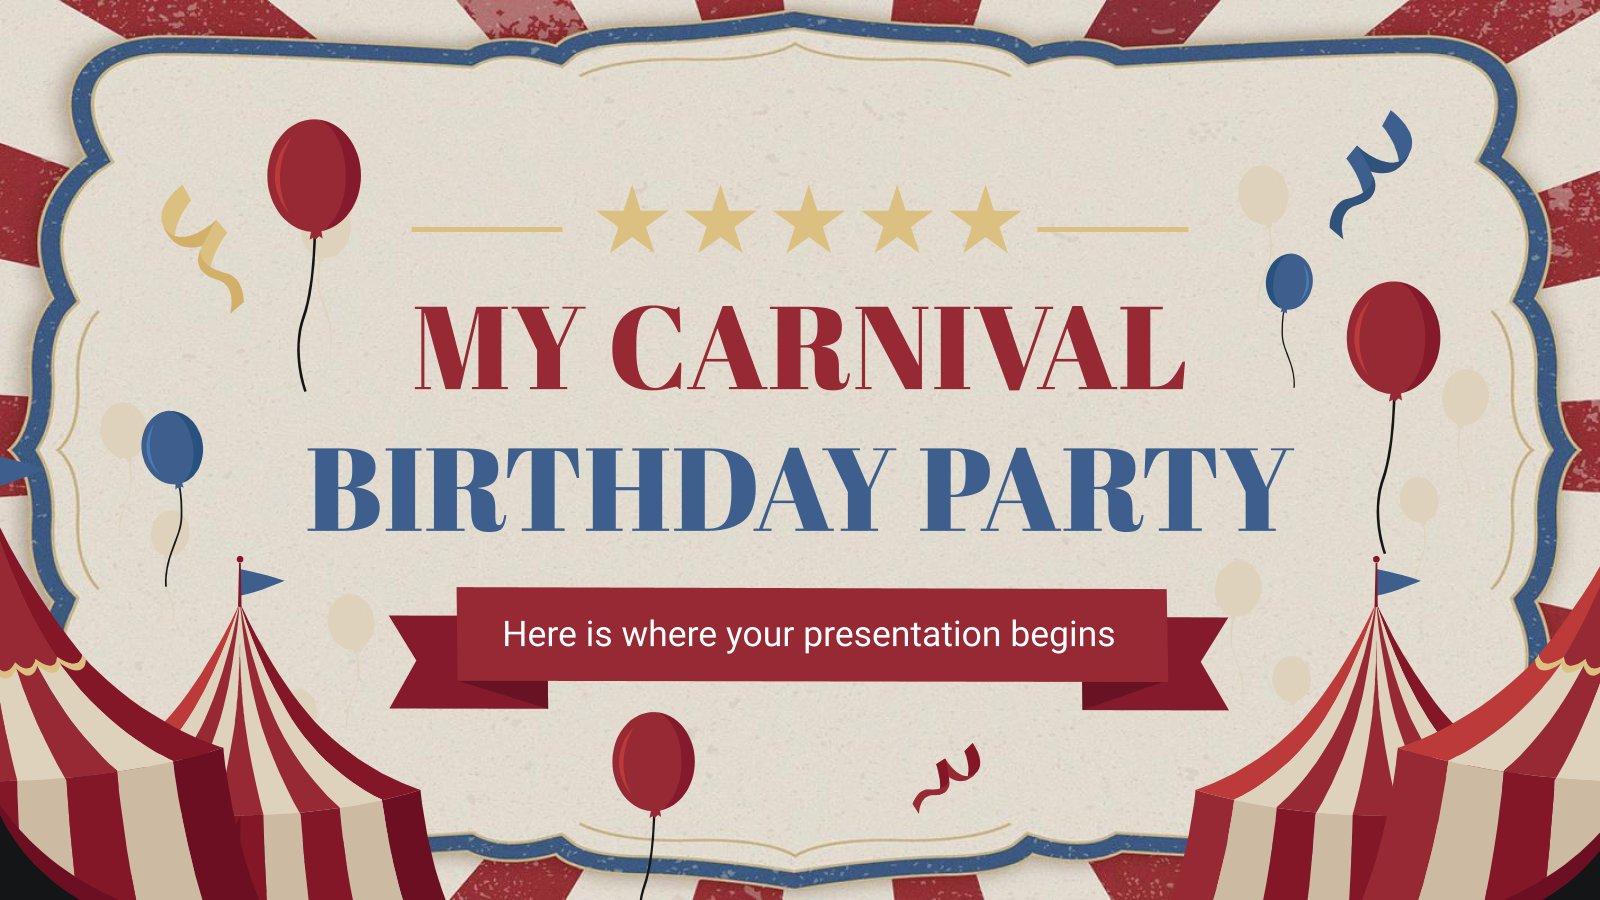 Ma fête d'anniversaire de Carnaval : Modèles de présentation